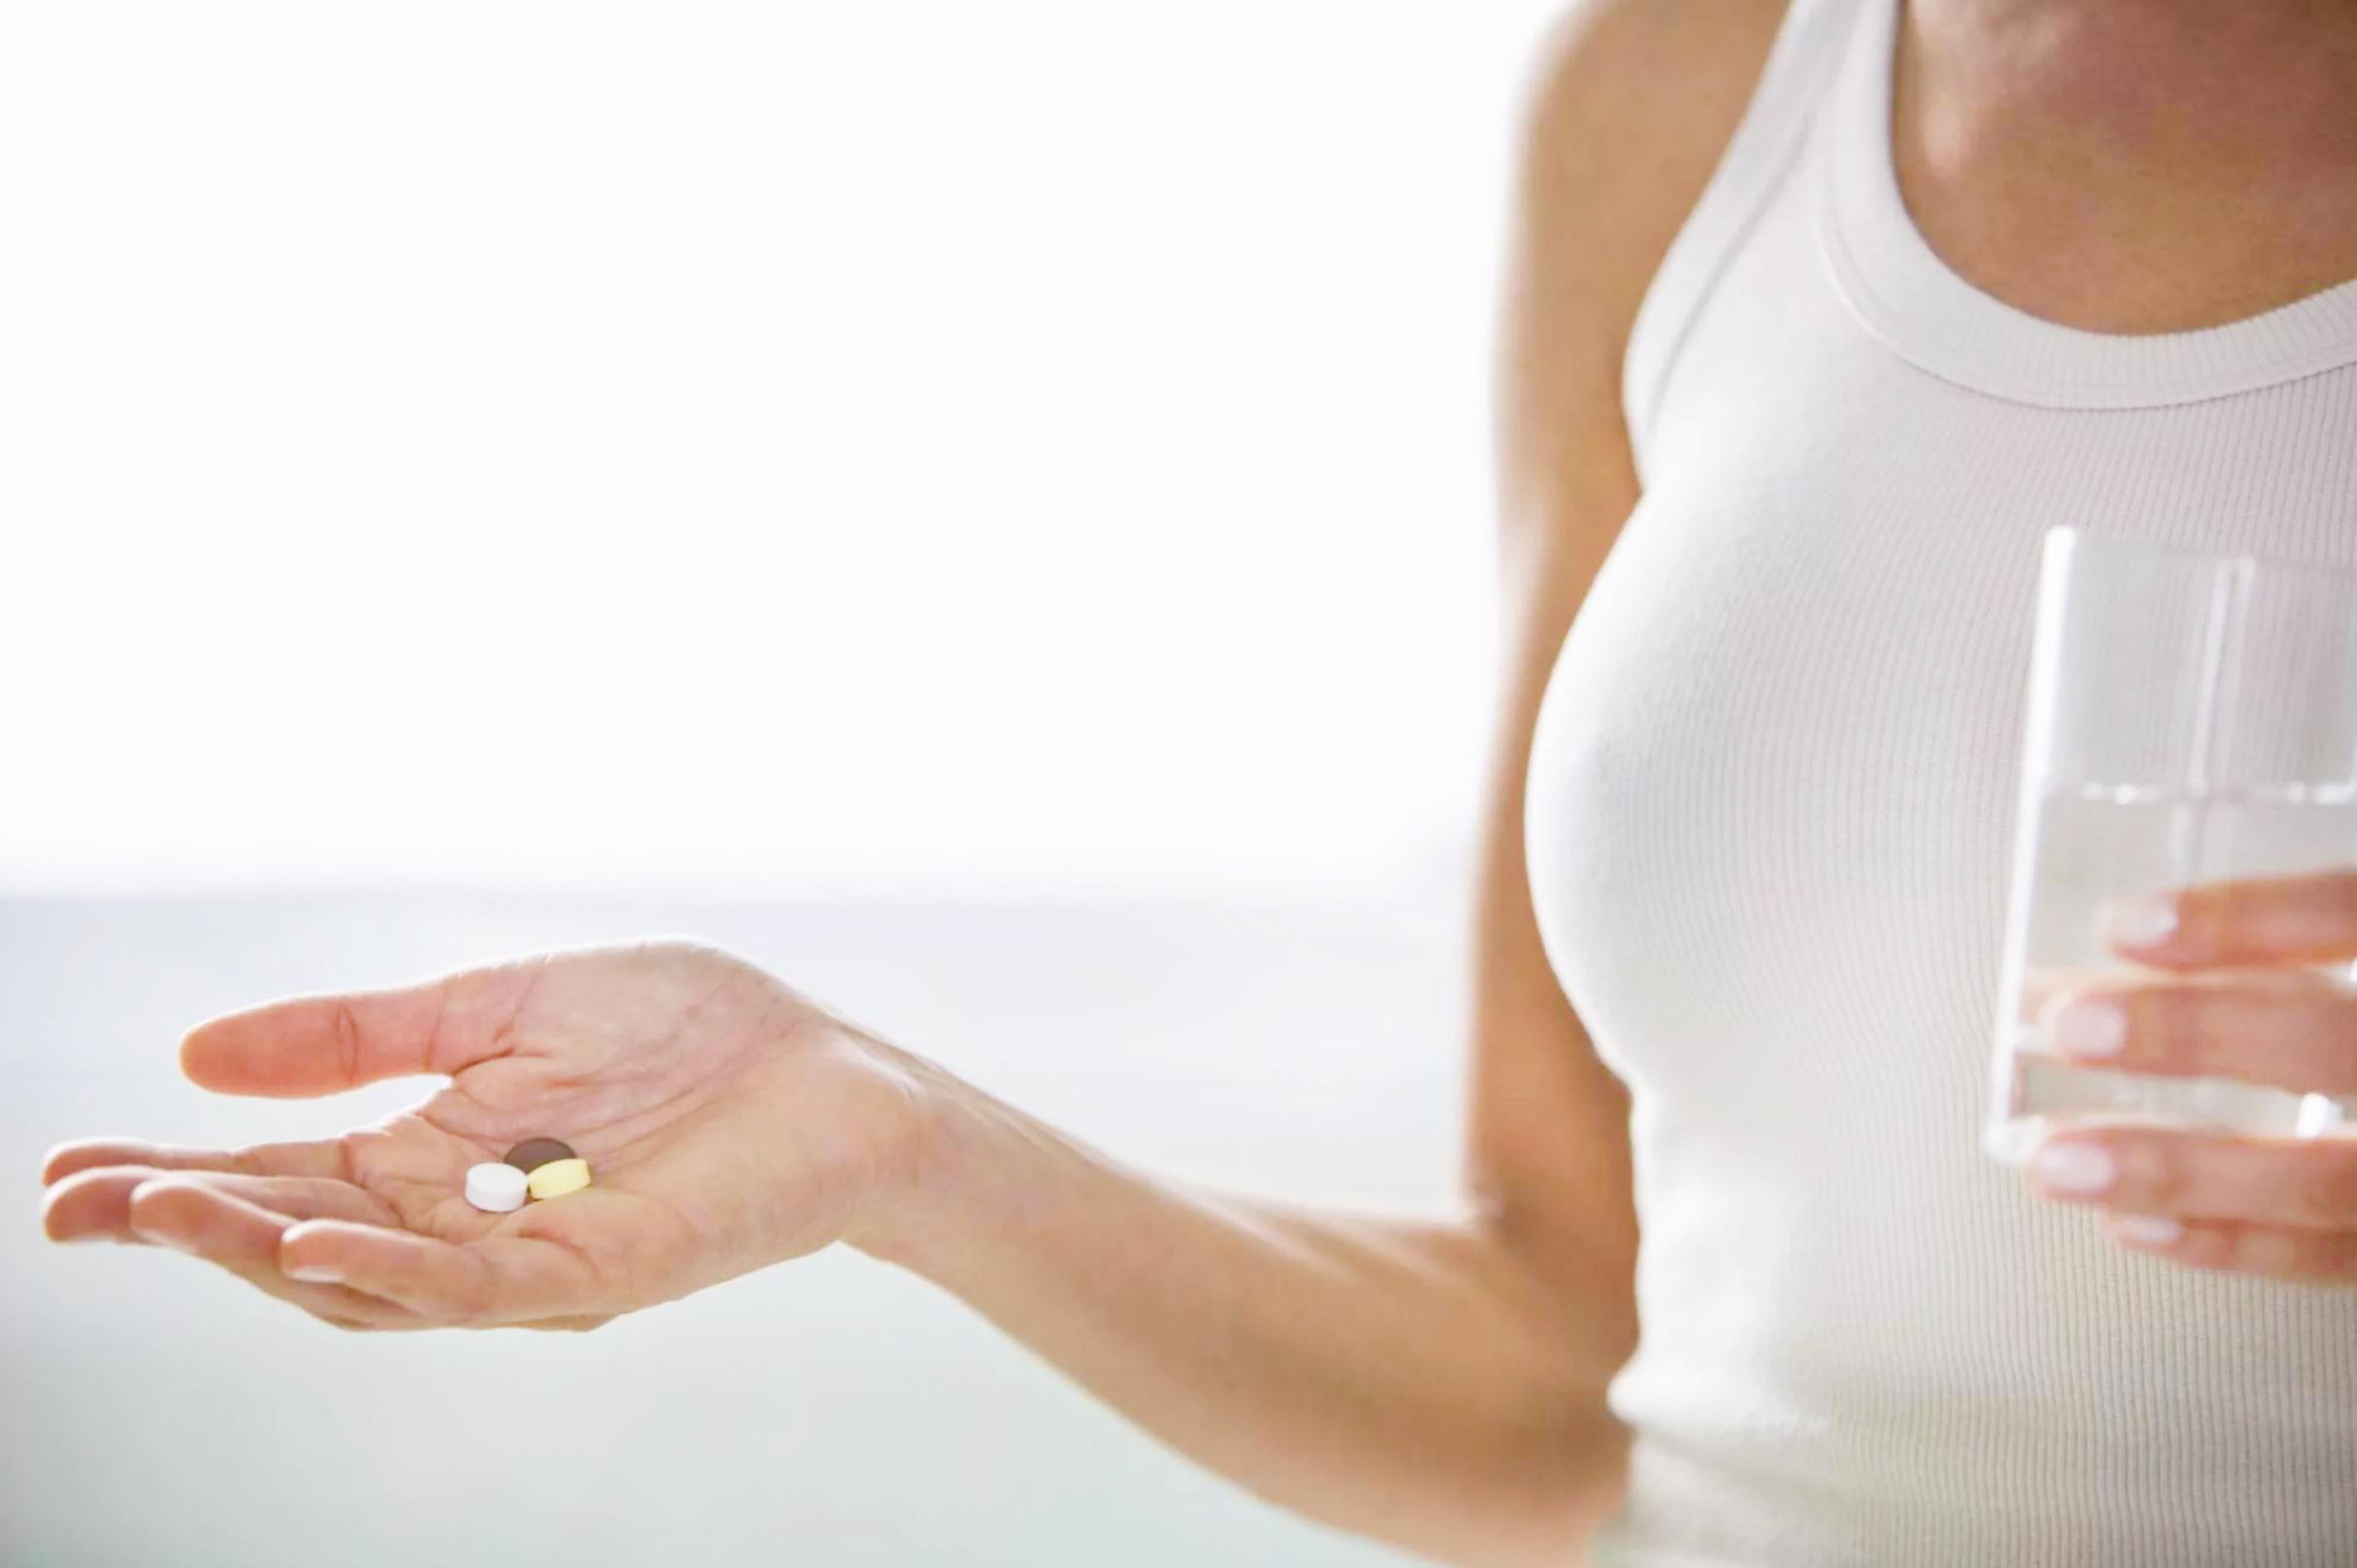 Прекратить прием препаратов влияющих на свертываемость крови перед процедурой